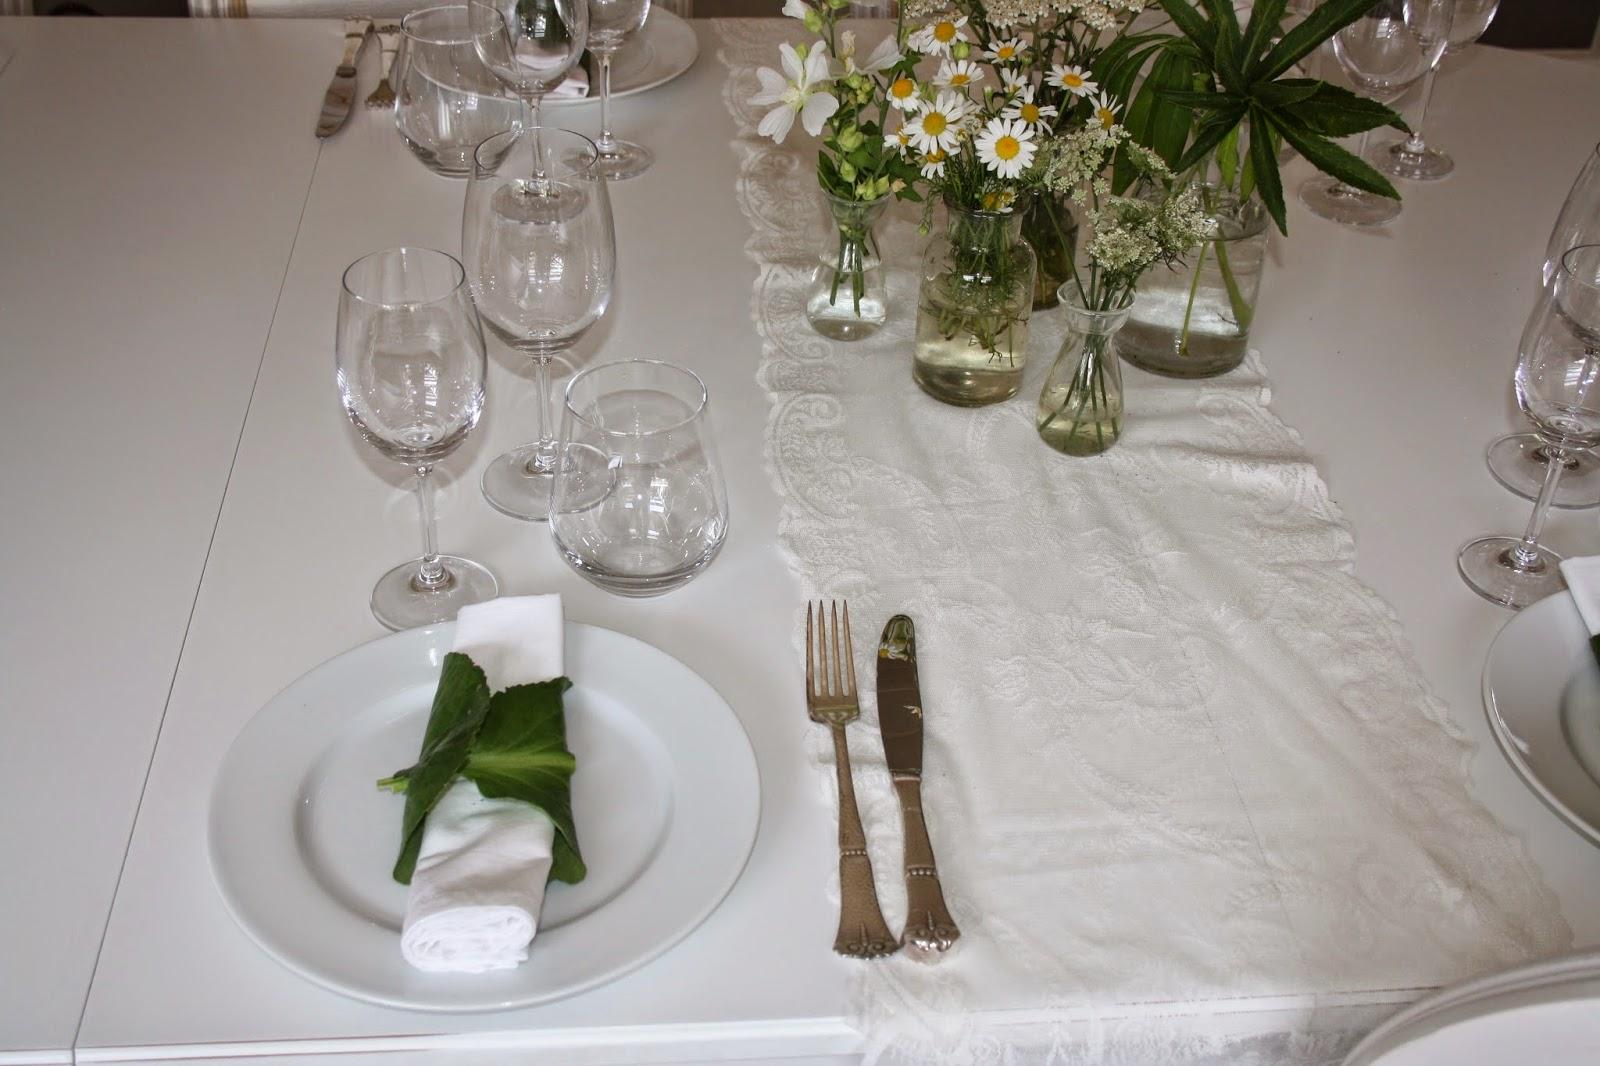 Borddækning glas frokost